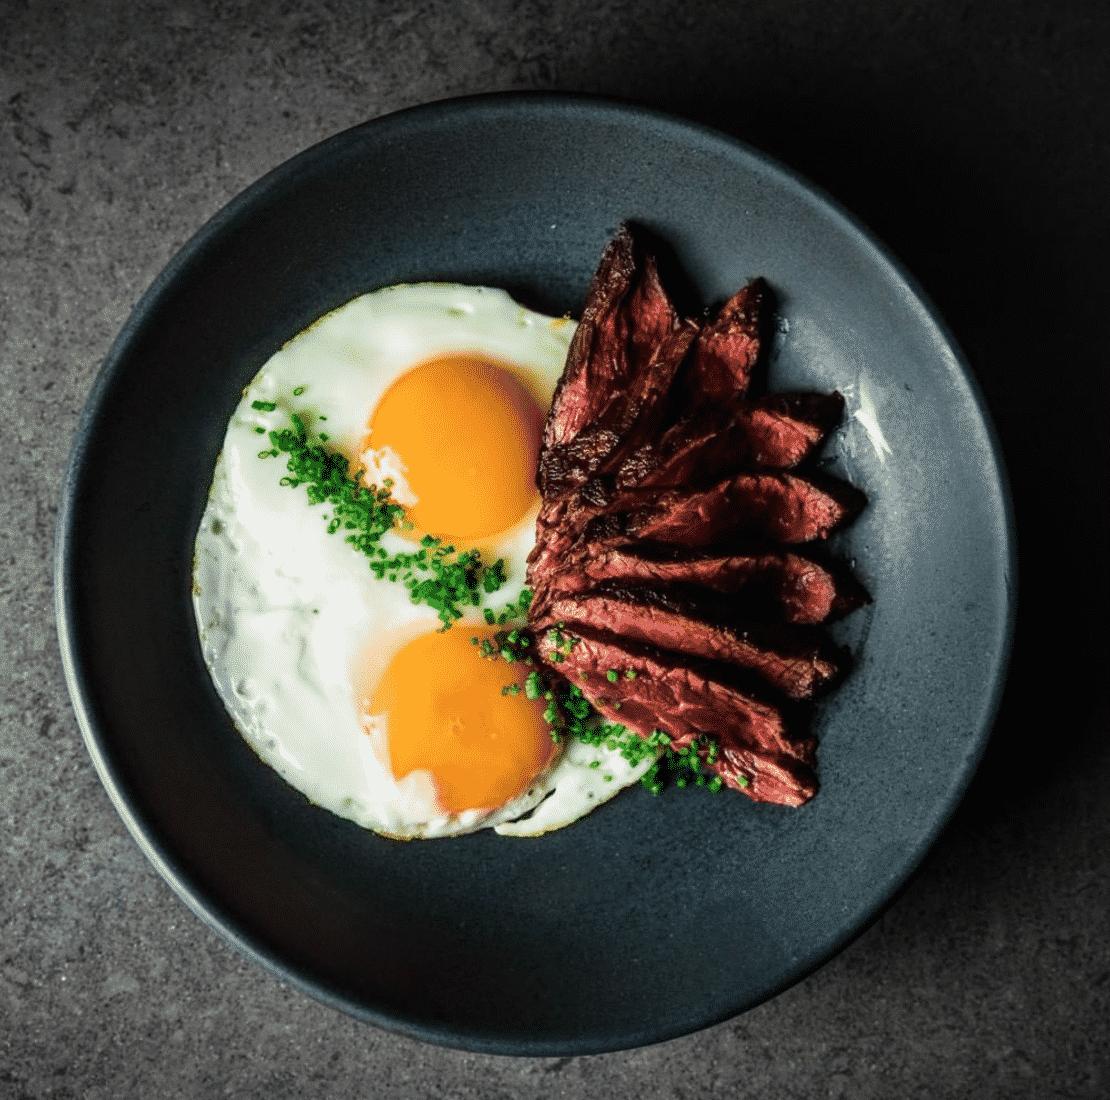 Steak And Eggs Breakfast In London